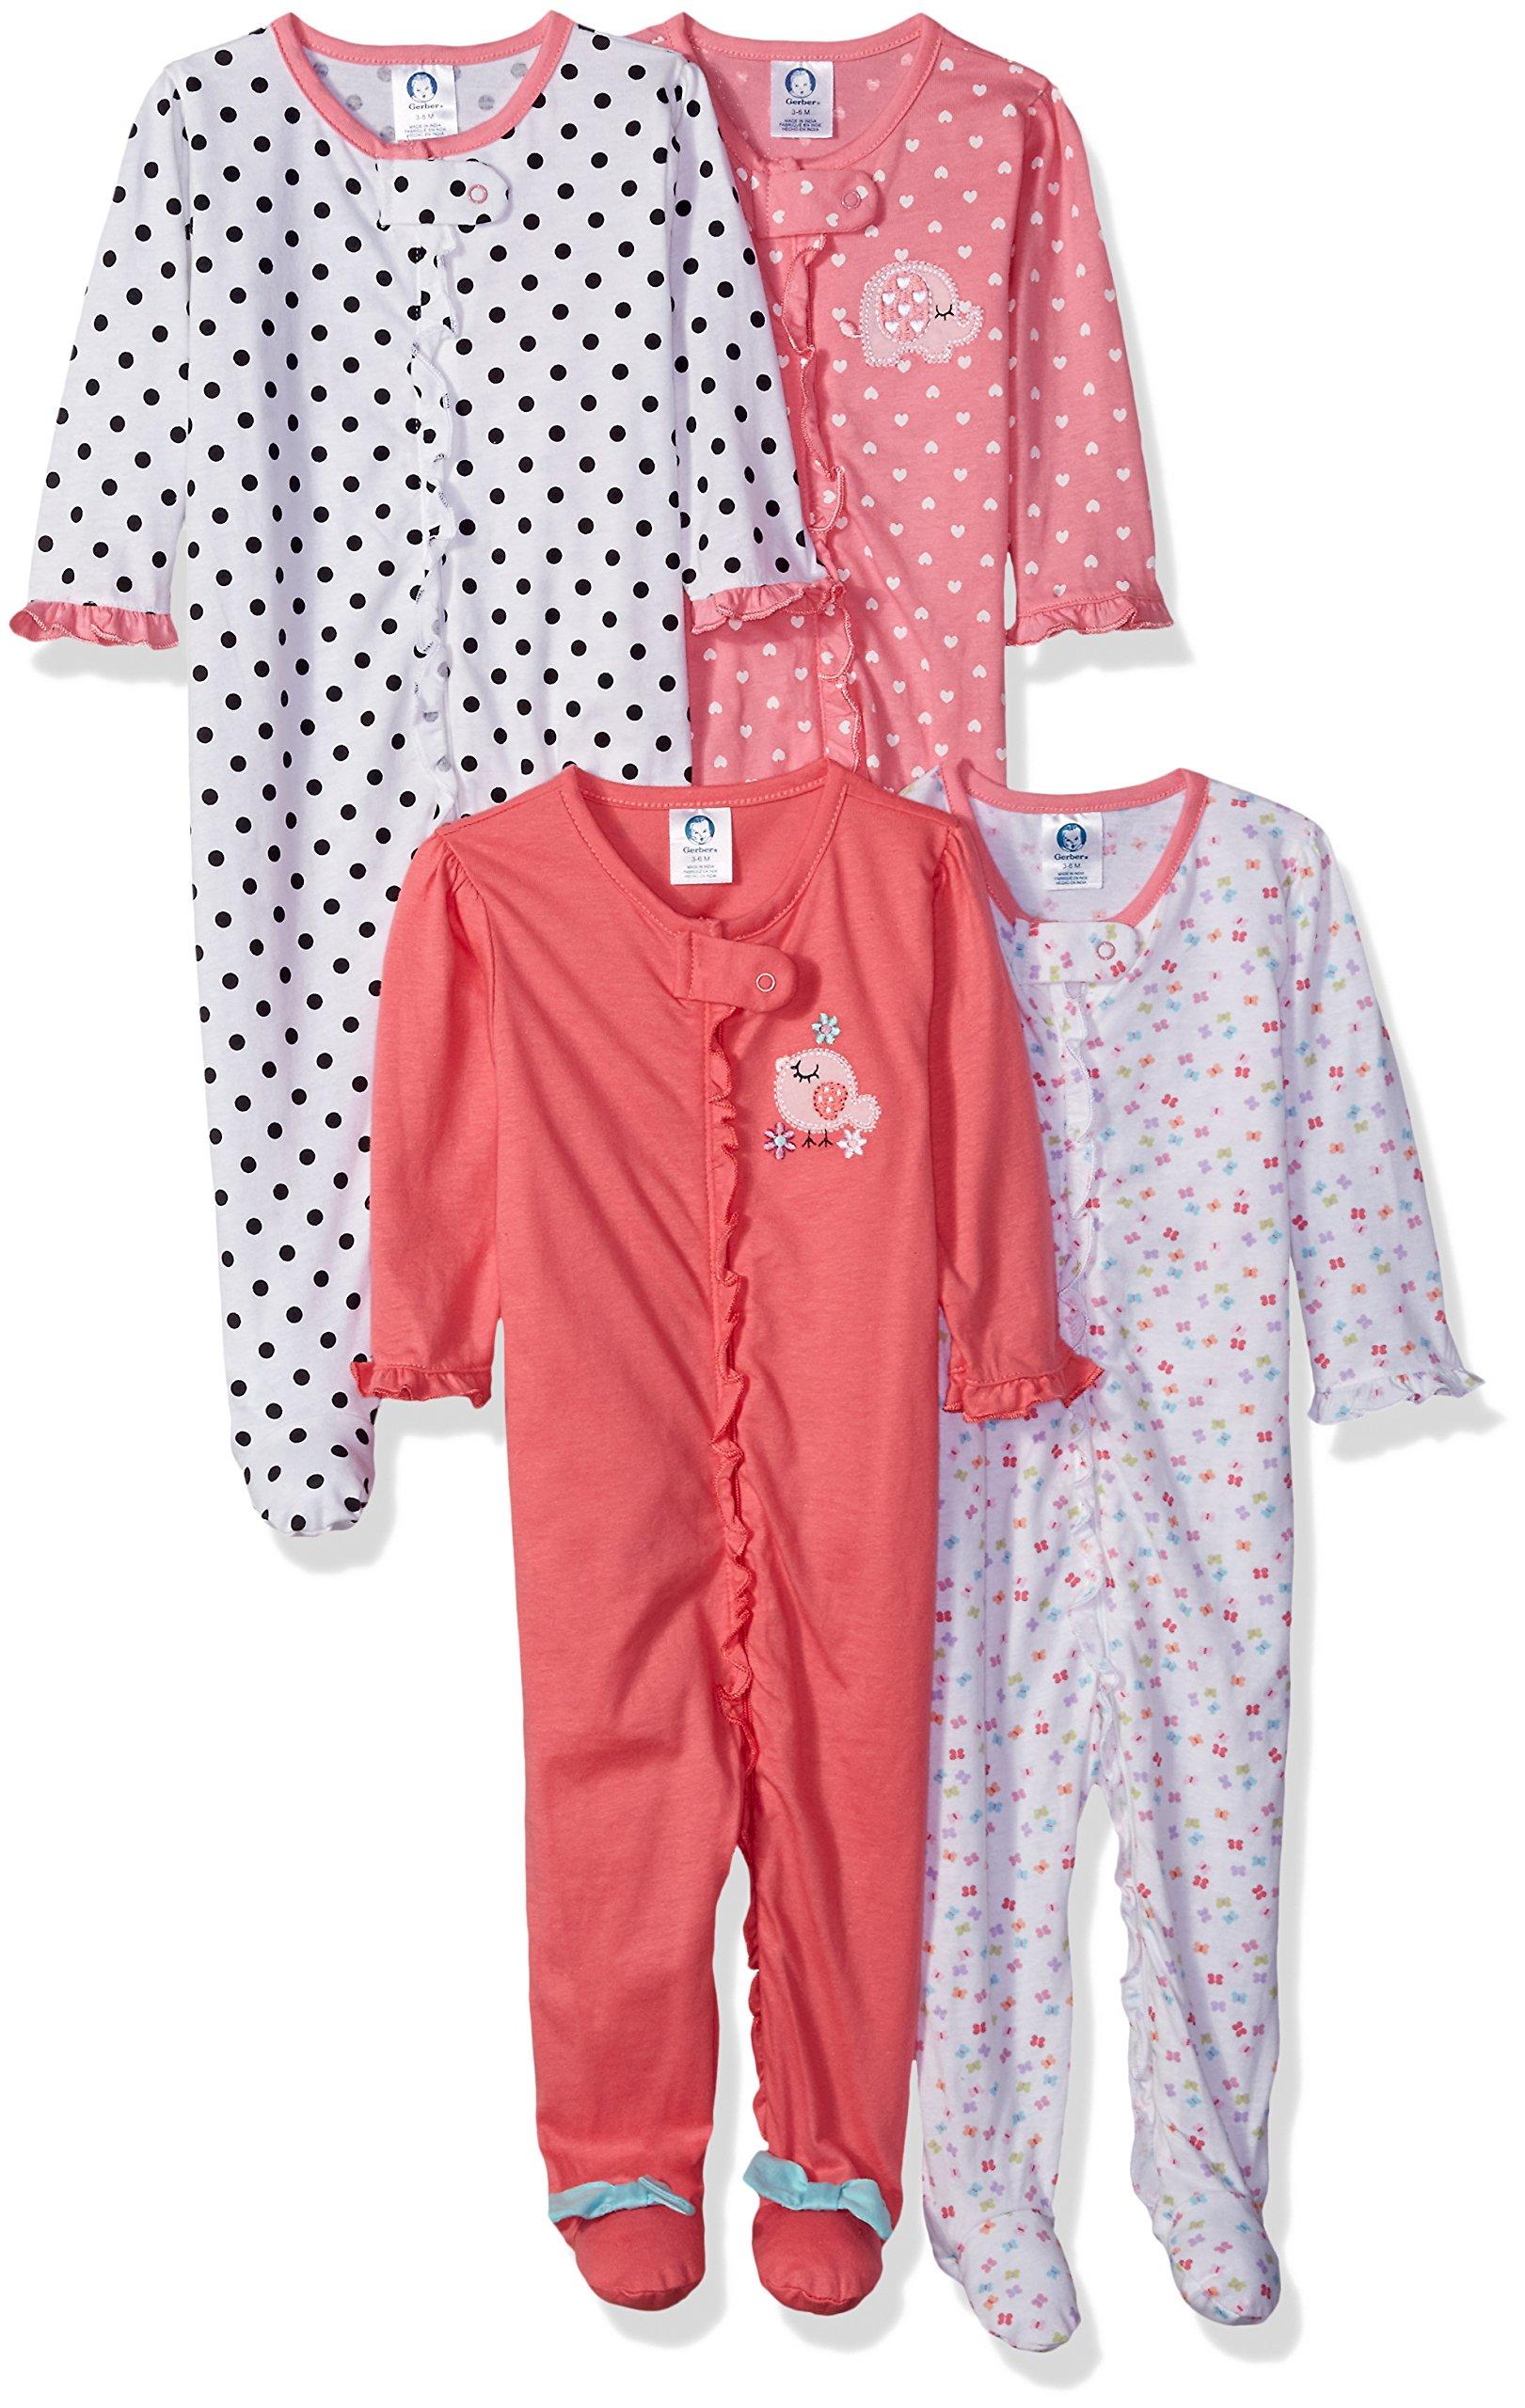 Gerber Baby Girls' 4 Pack Sleep 'n Play, Elephant/Birdie, 0-3 Months